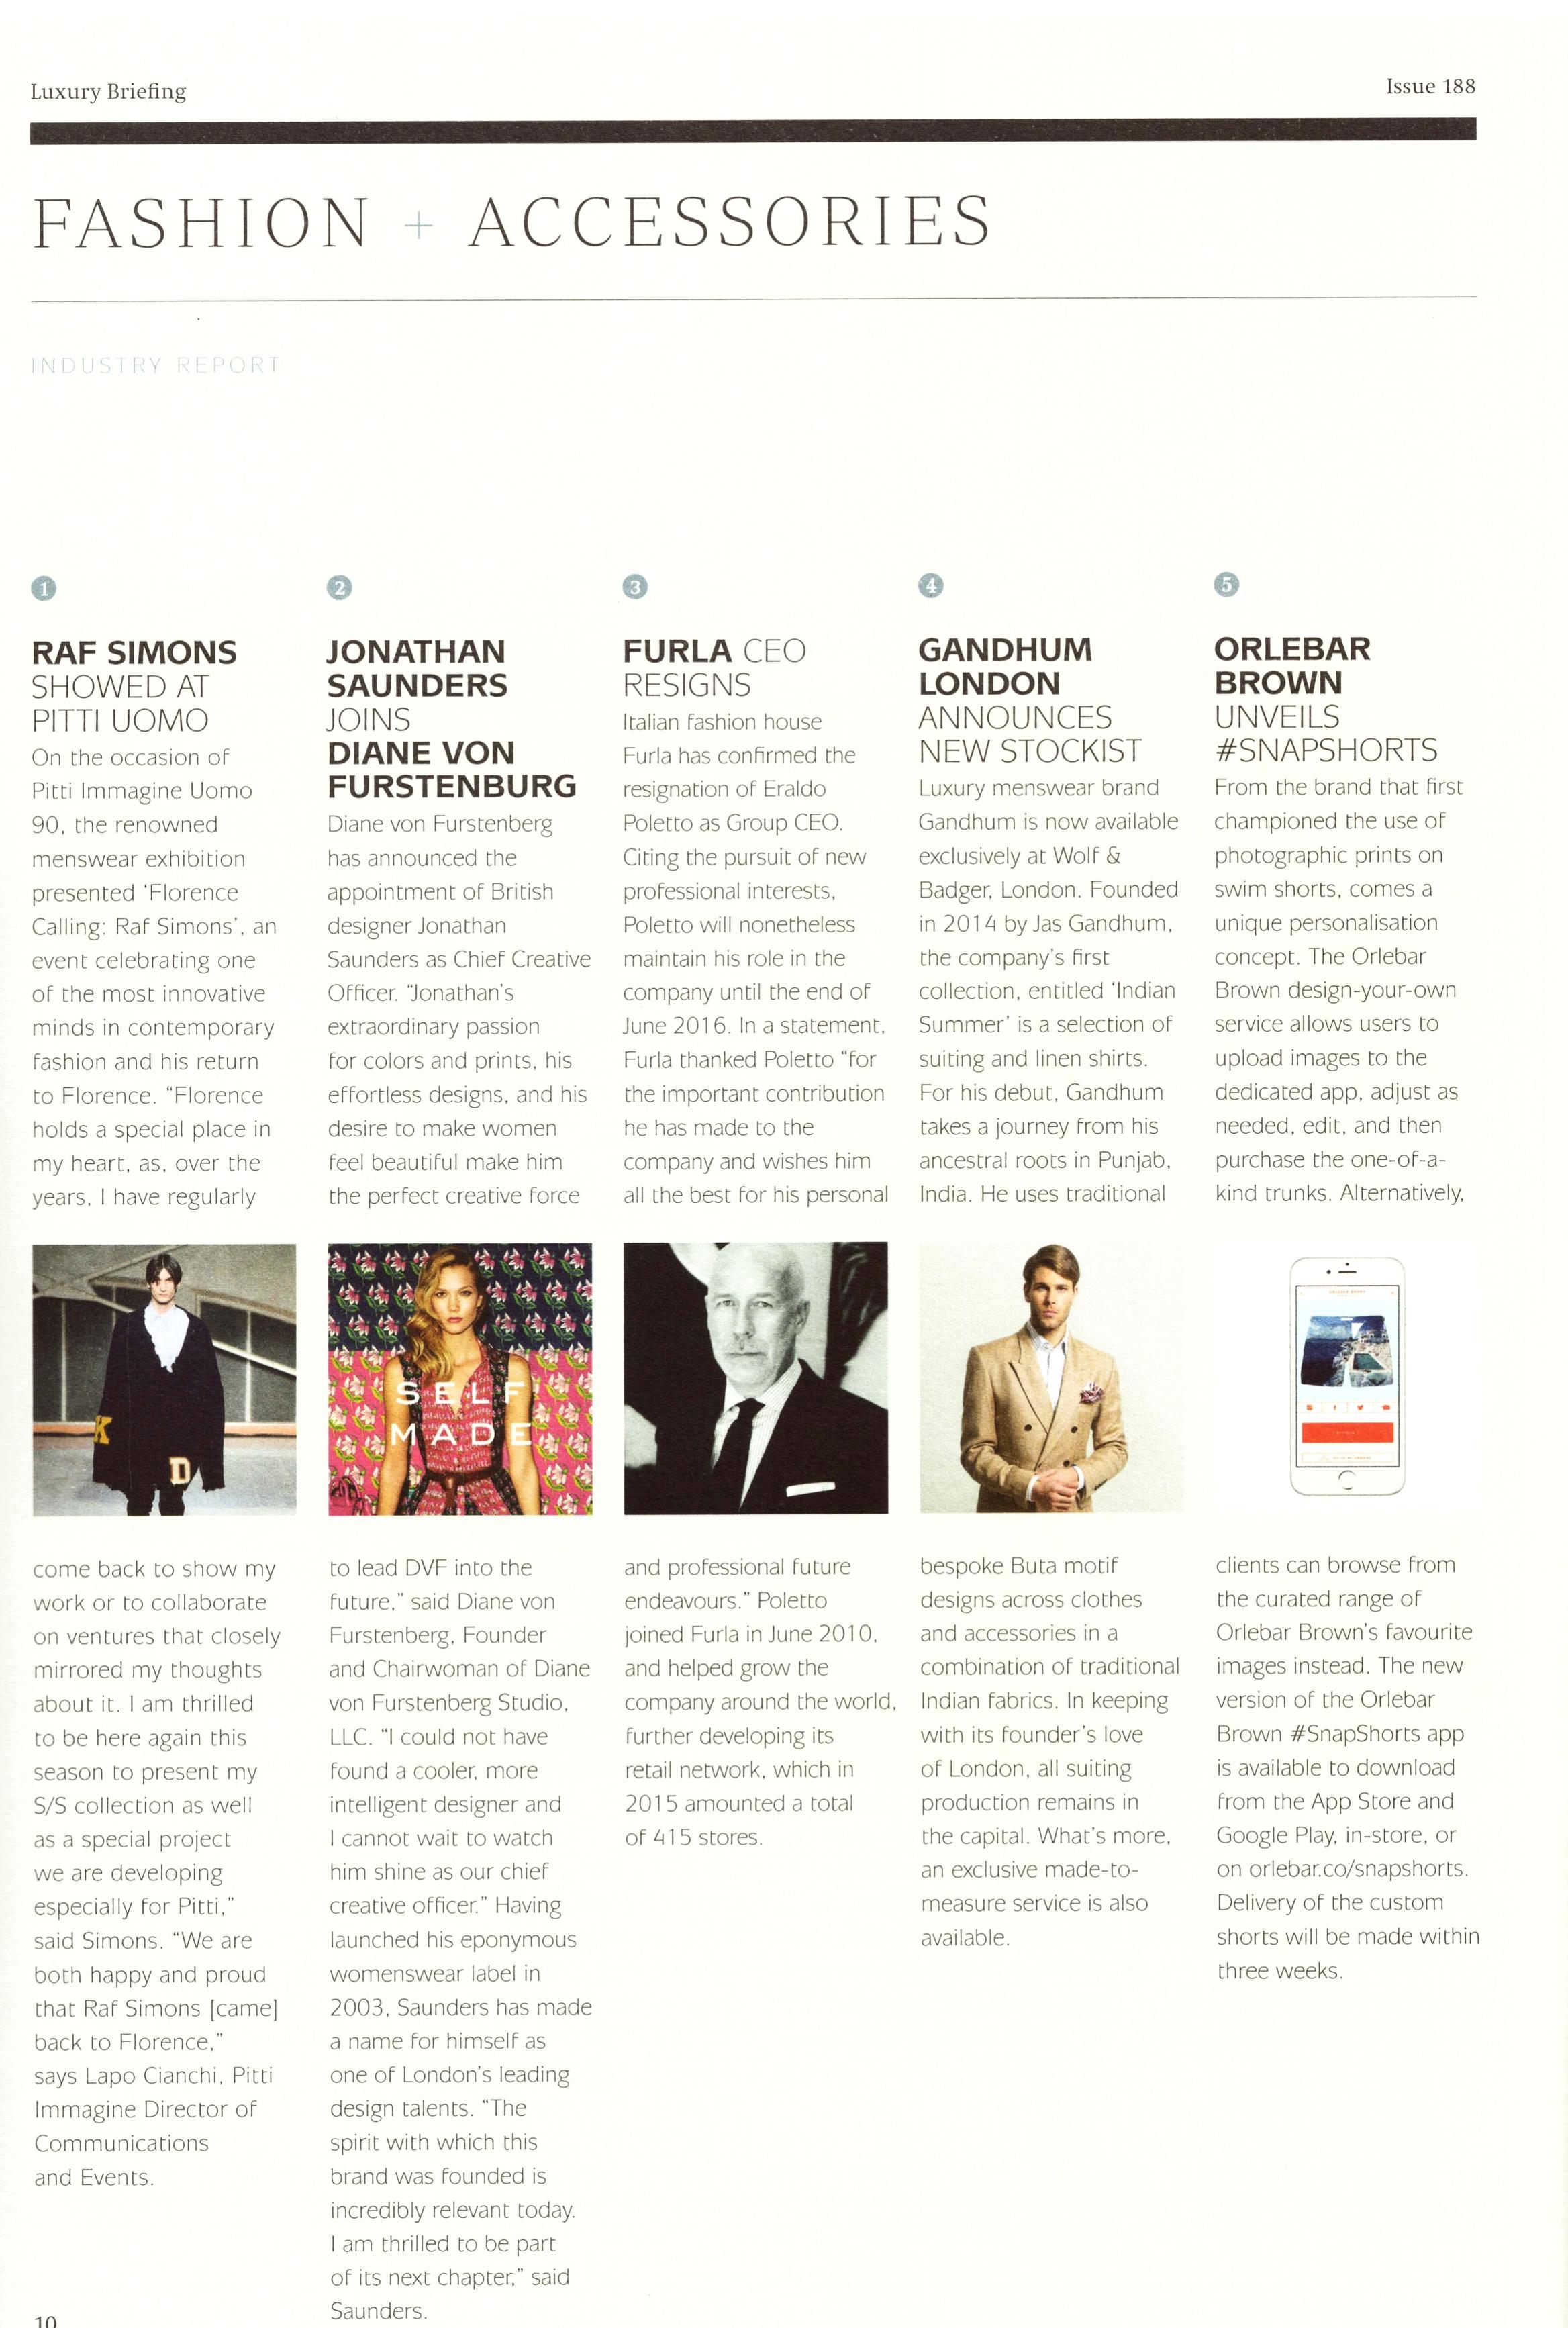 Luxury Briefing - Issue 188